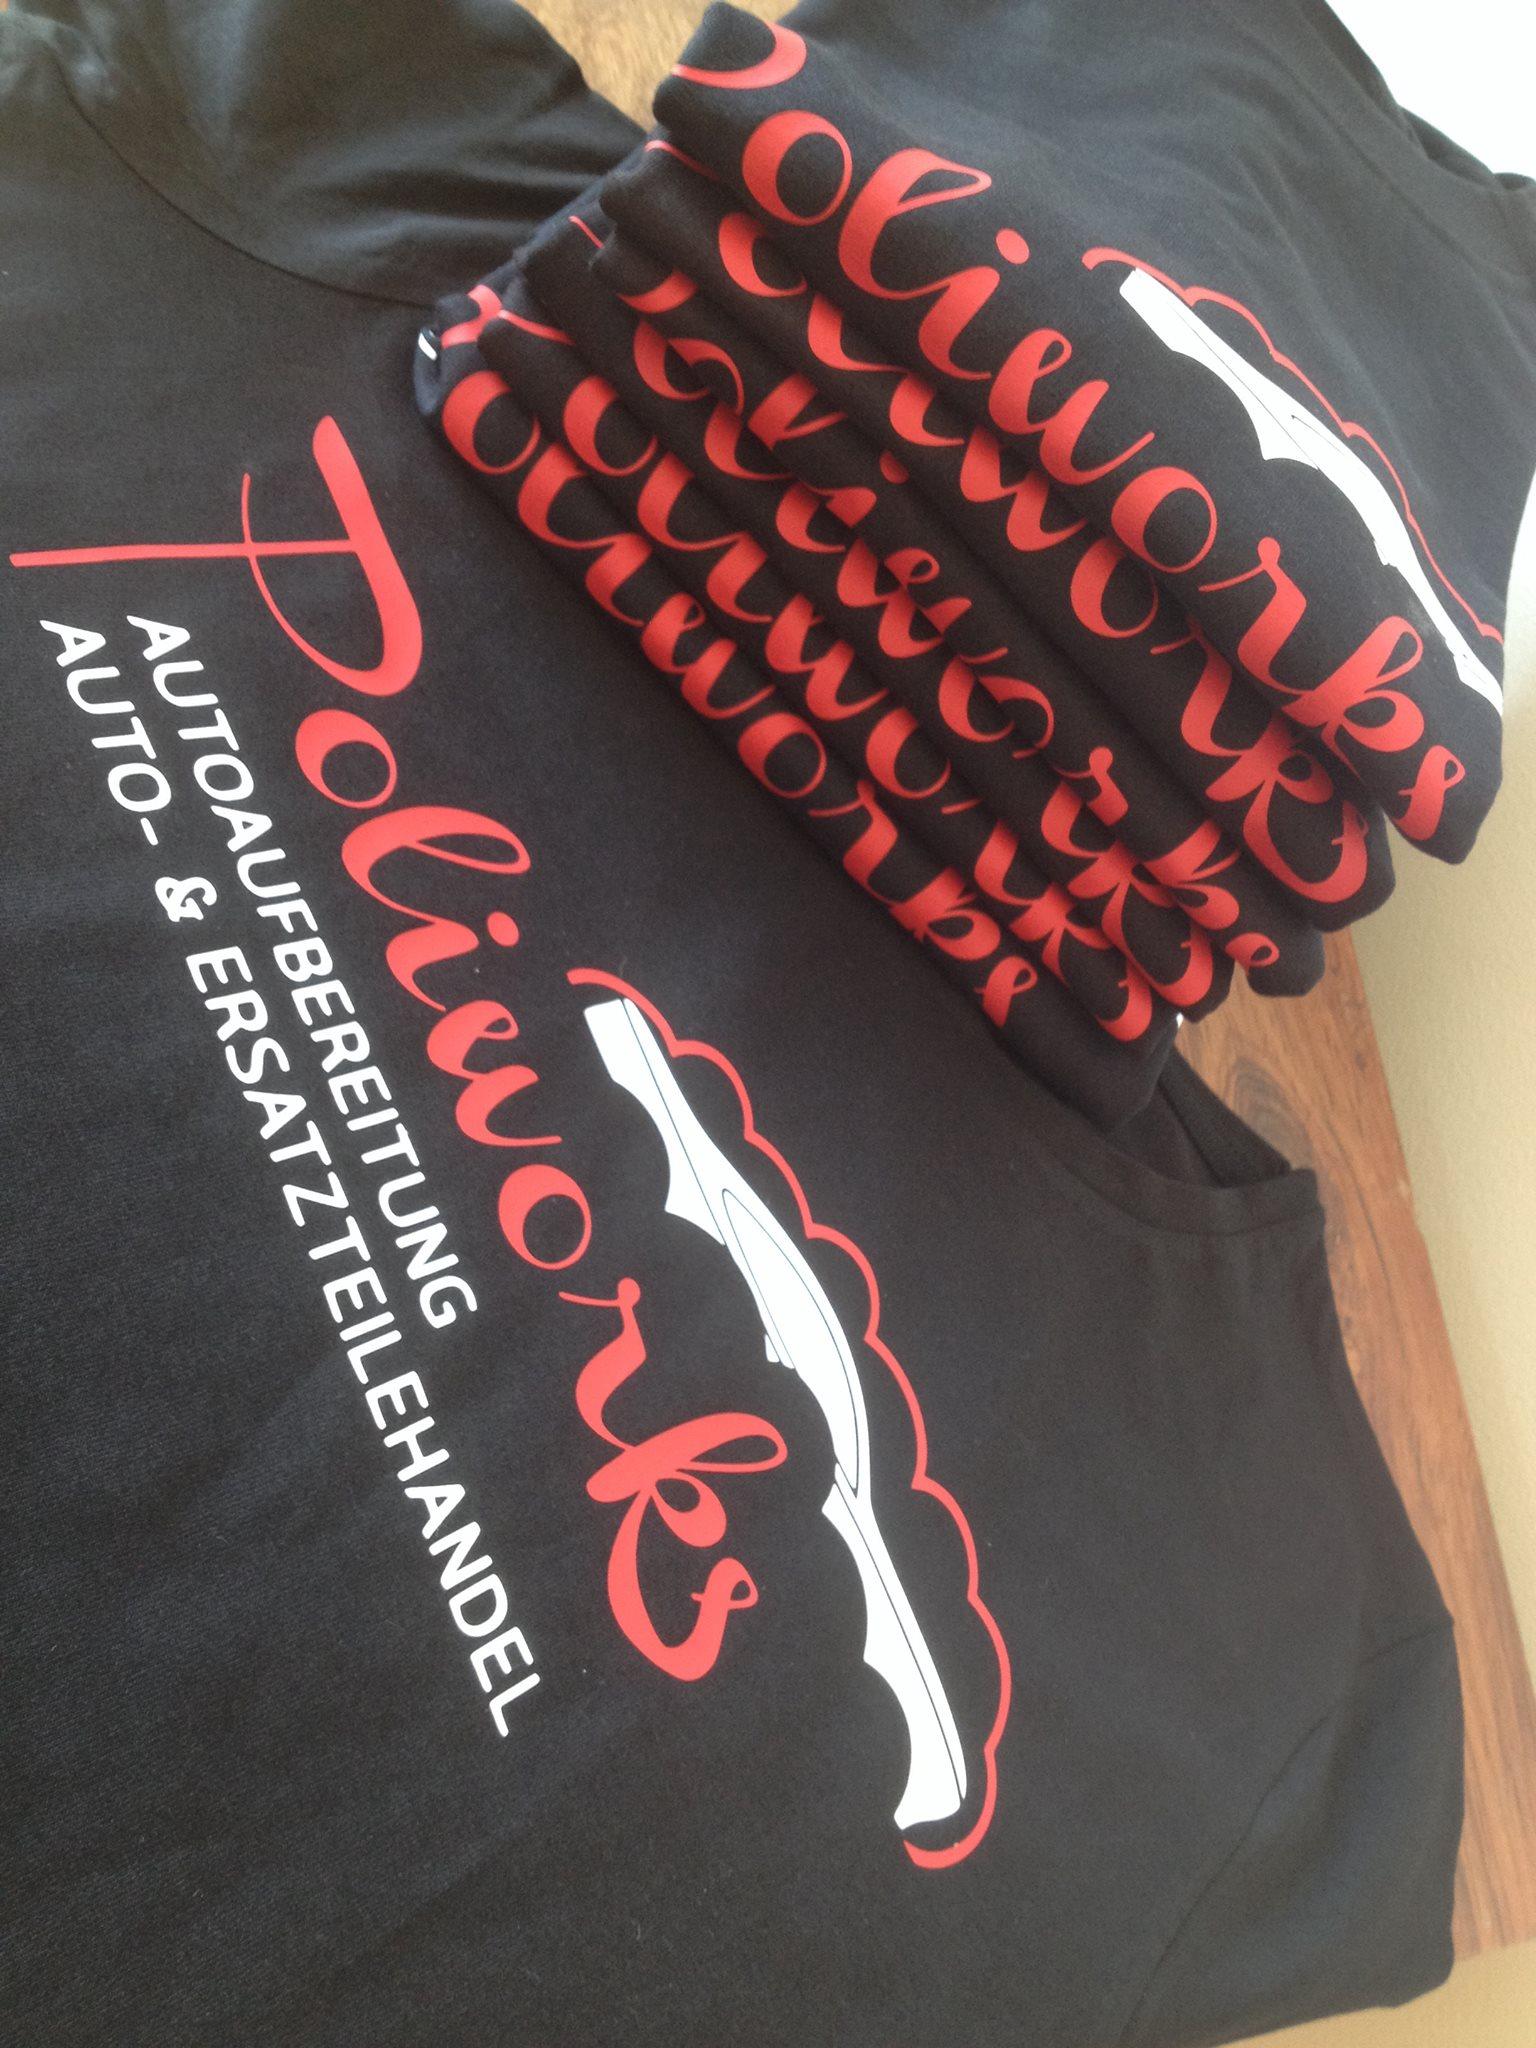 bedruckte Herren-Shirts